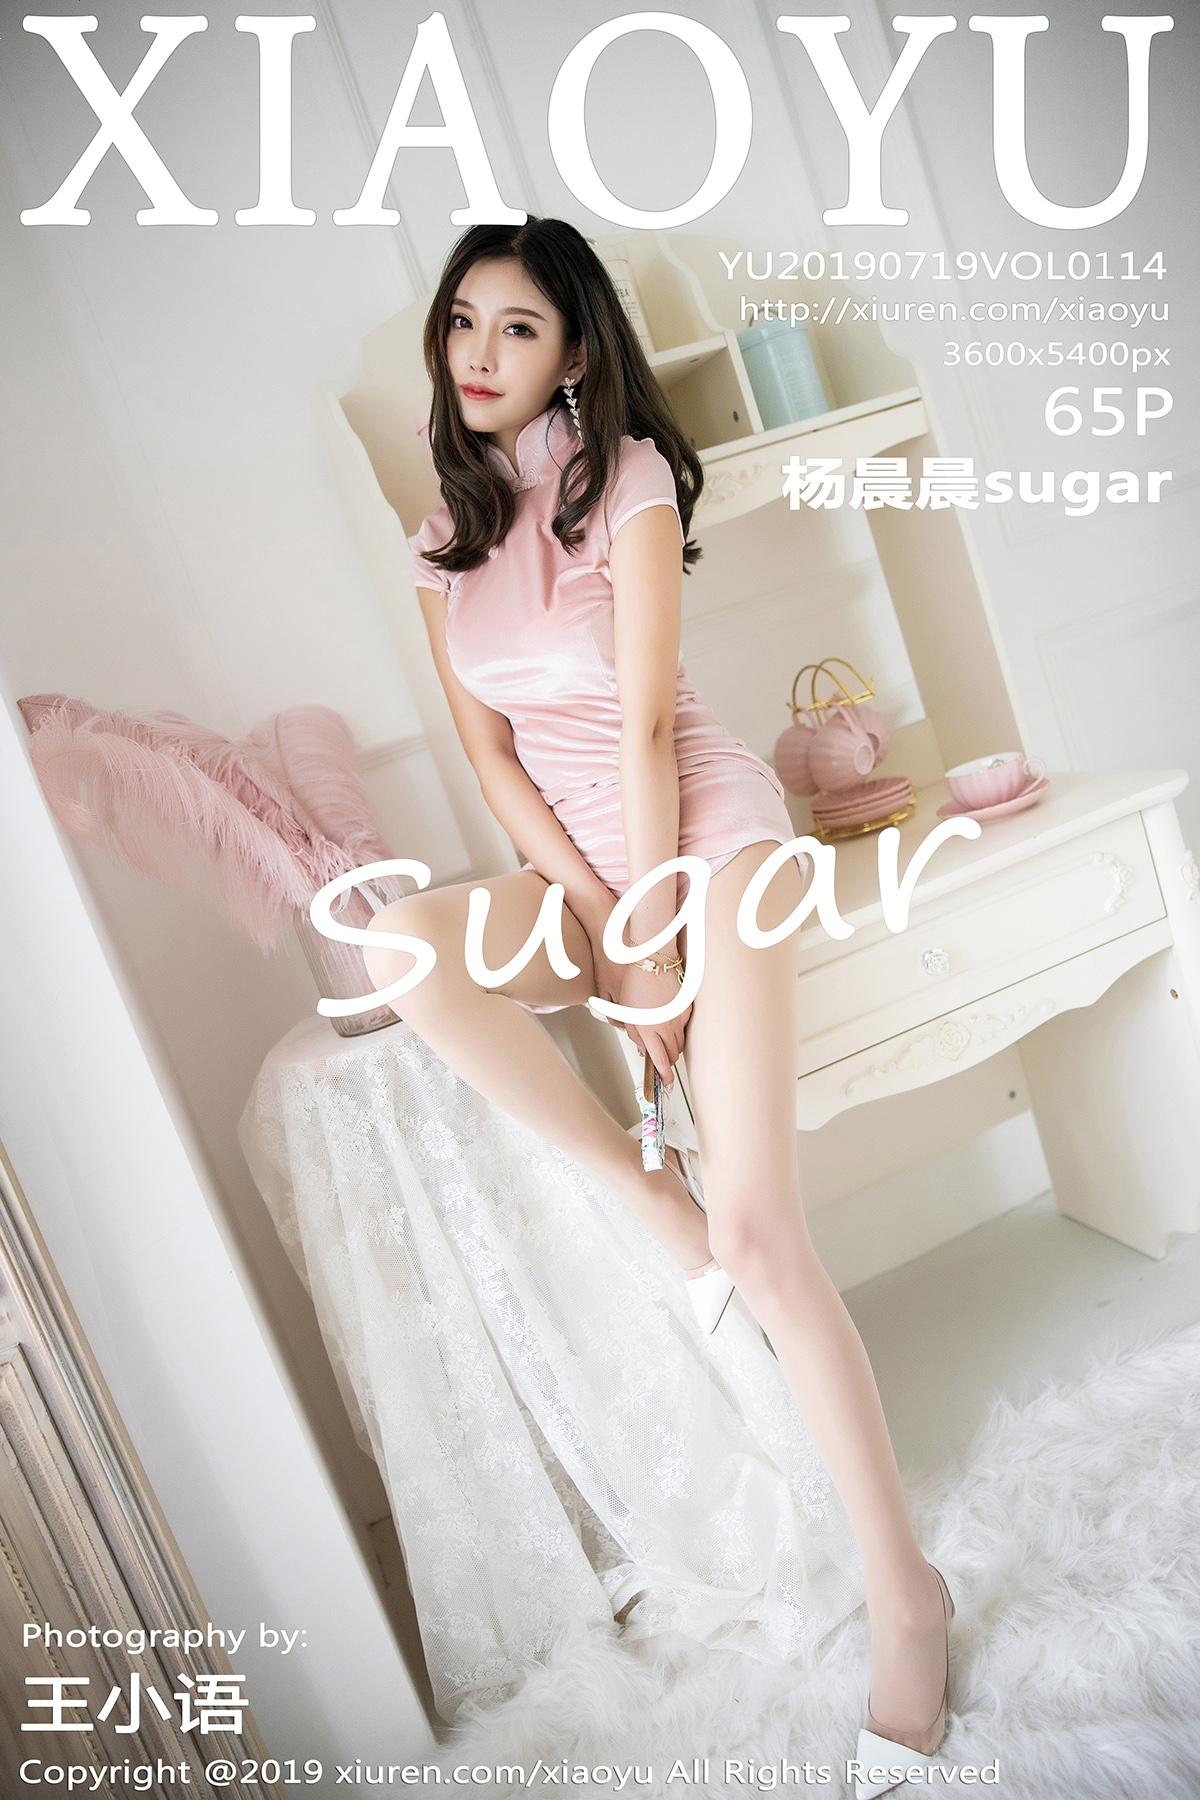 [XIAOYU语画界]2019.07.19 VOL.114 杨晨晨sugar 旗袍 丝袜[/426MB]